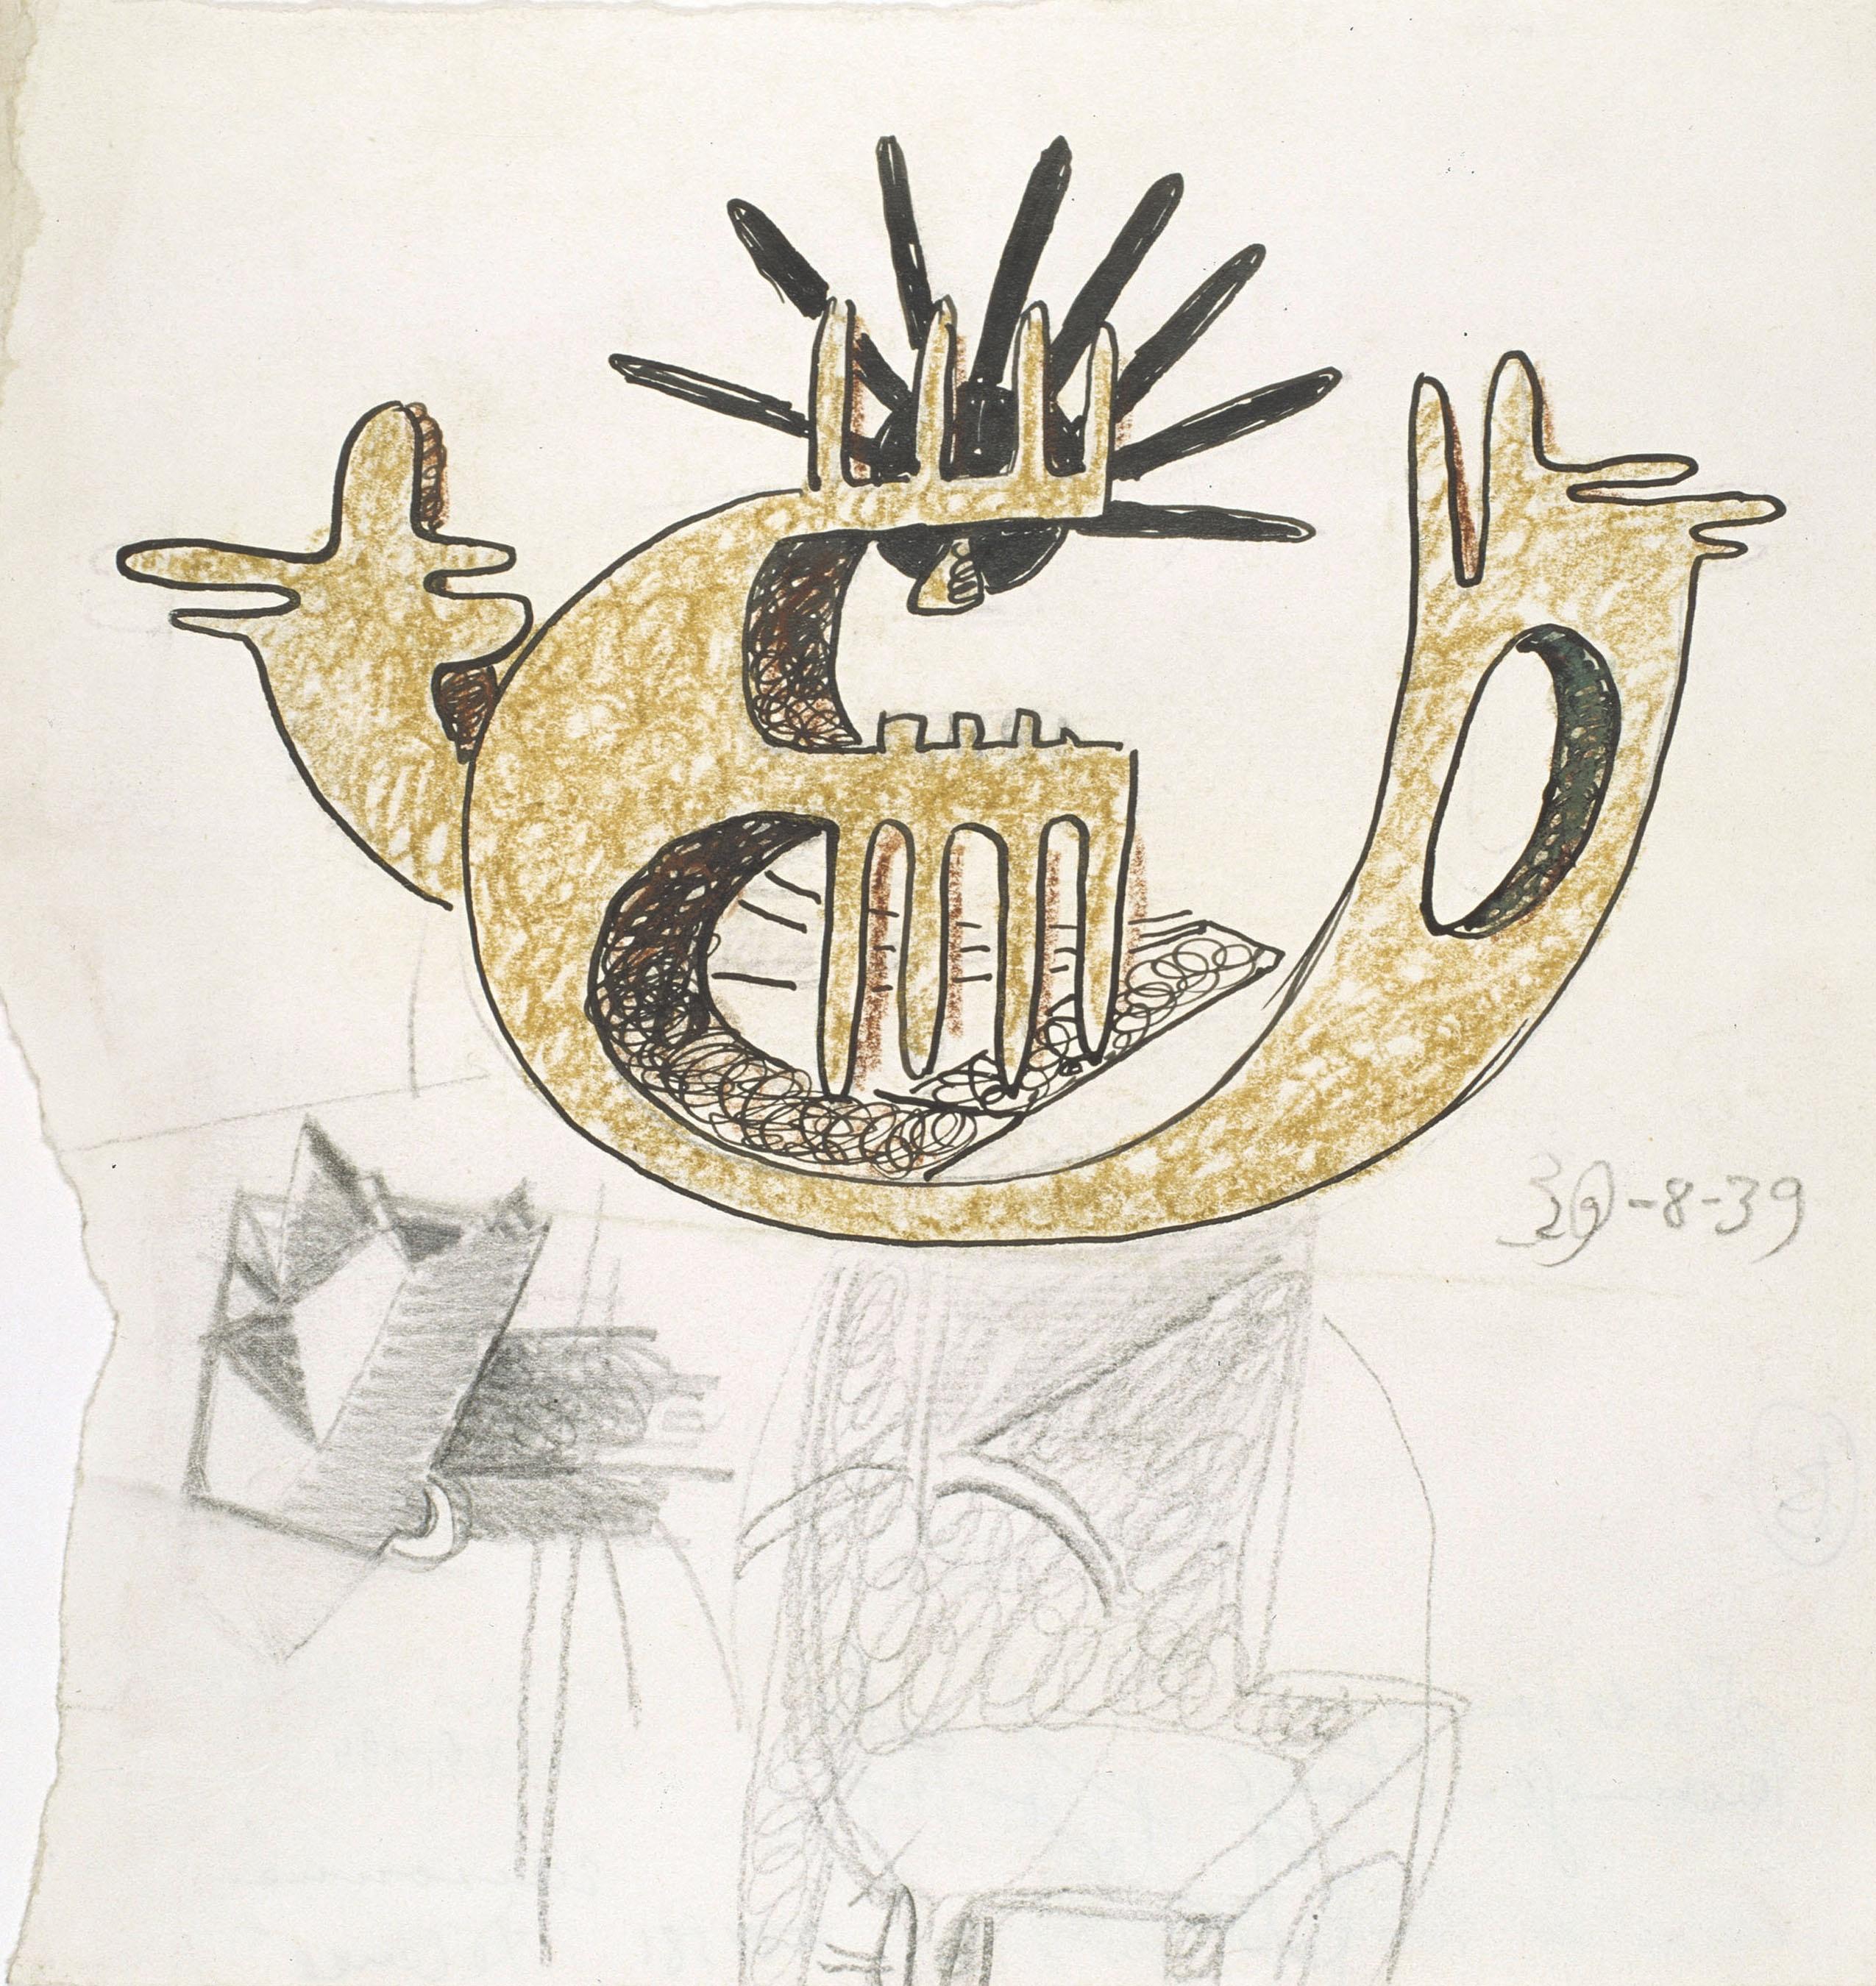 Juli González - Estudi per a personatge estrany (Étude pour personnage étrange) - 1939